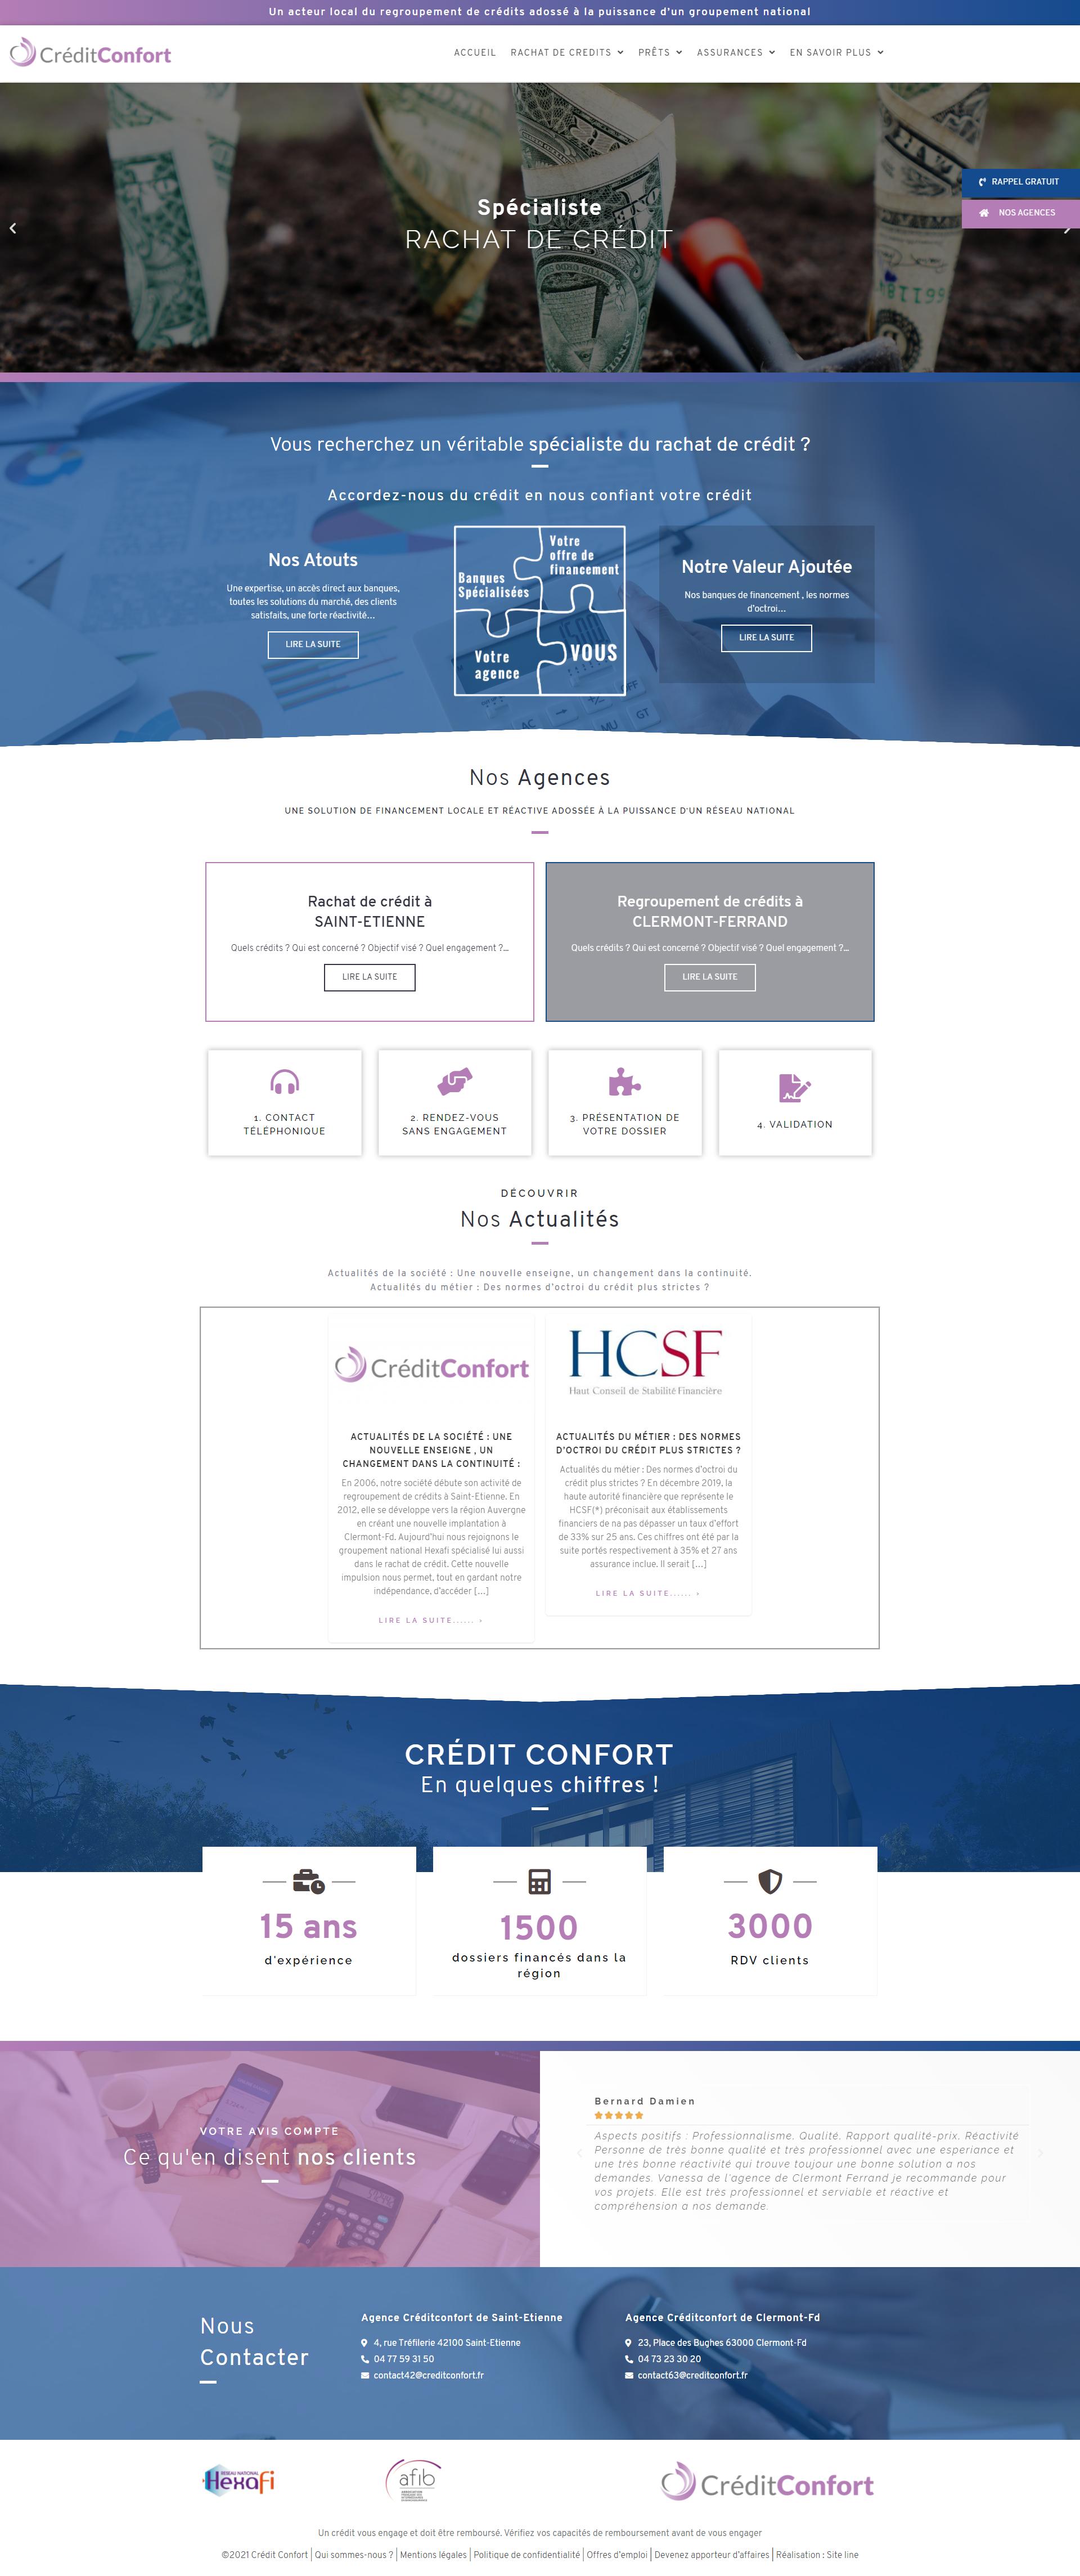 createur site web rachat de crédit à Saint-Etienne Clermont-Ferrand, regroupement de crédit